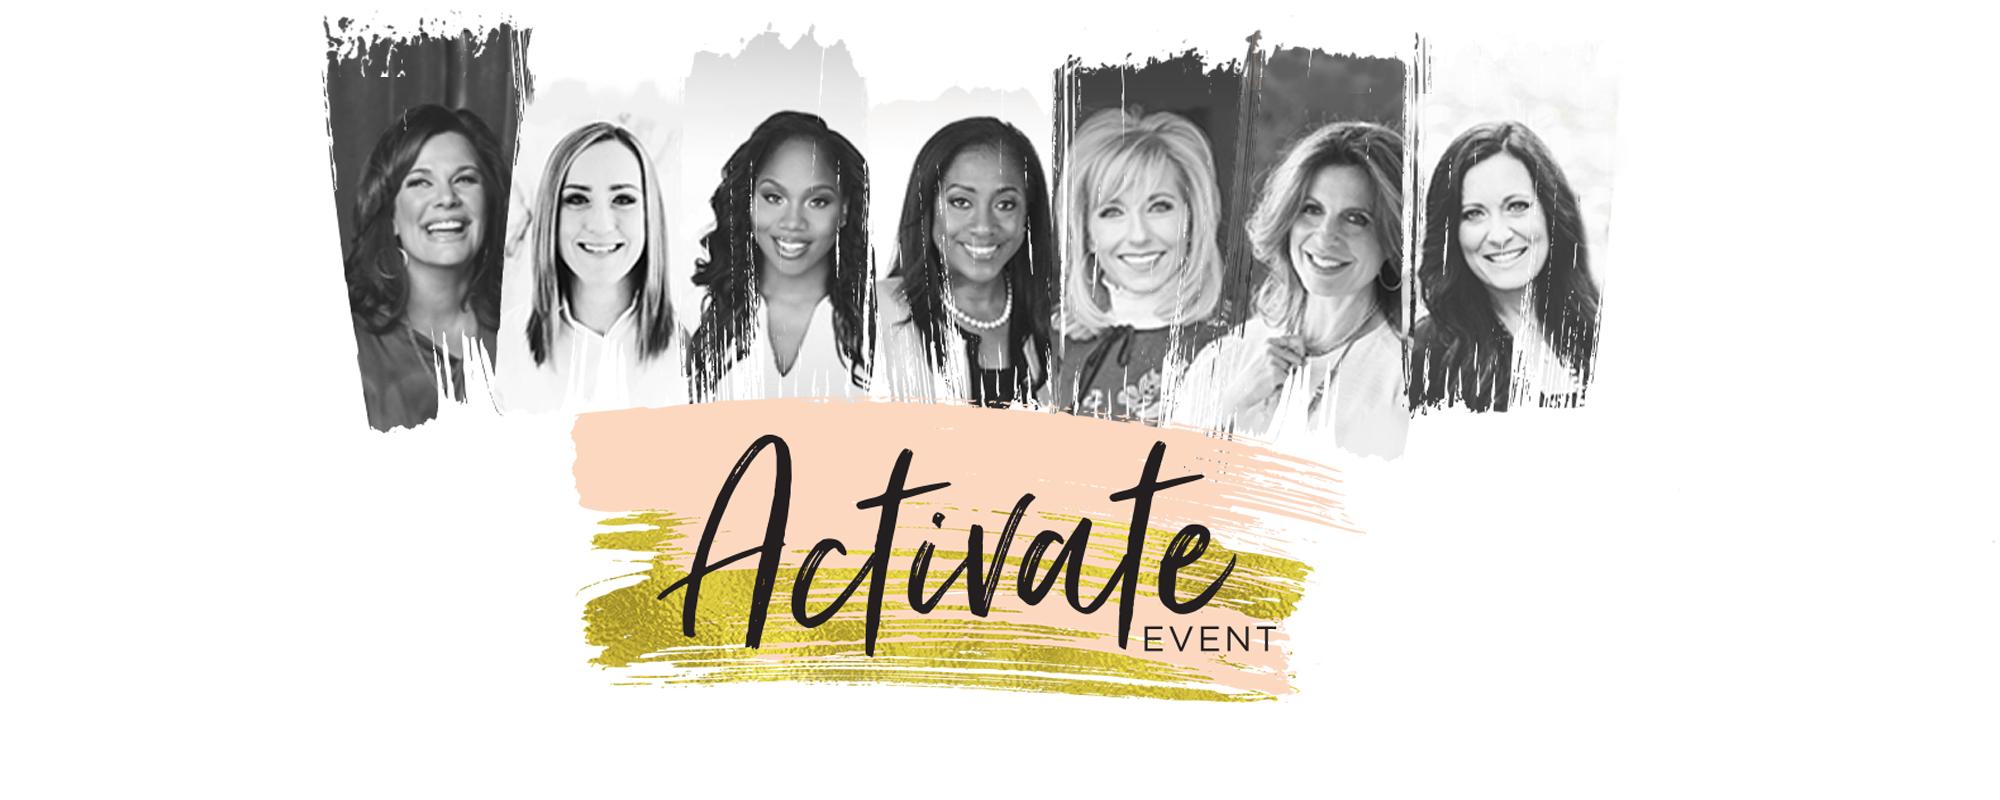 Lisa Harper, Christine Caine, Sarah Jakes Roberts, Rosilyn Houston, Beth Moore, Lisa Bevere, Lysa Terkeurst